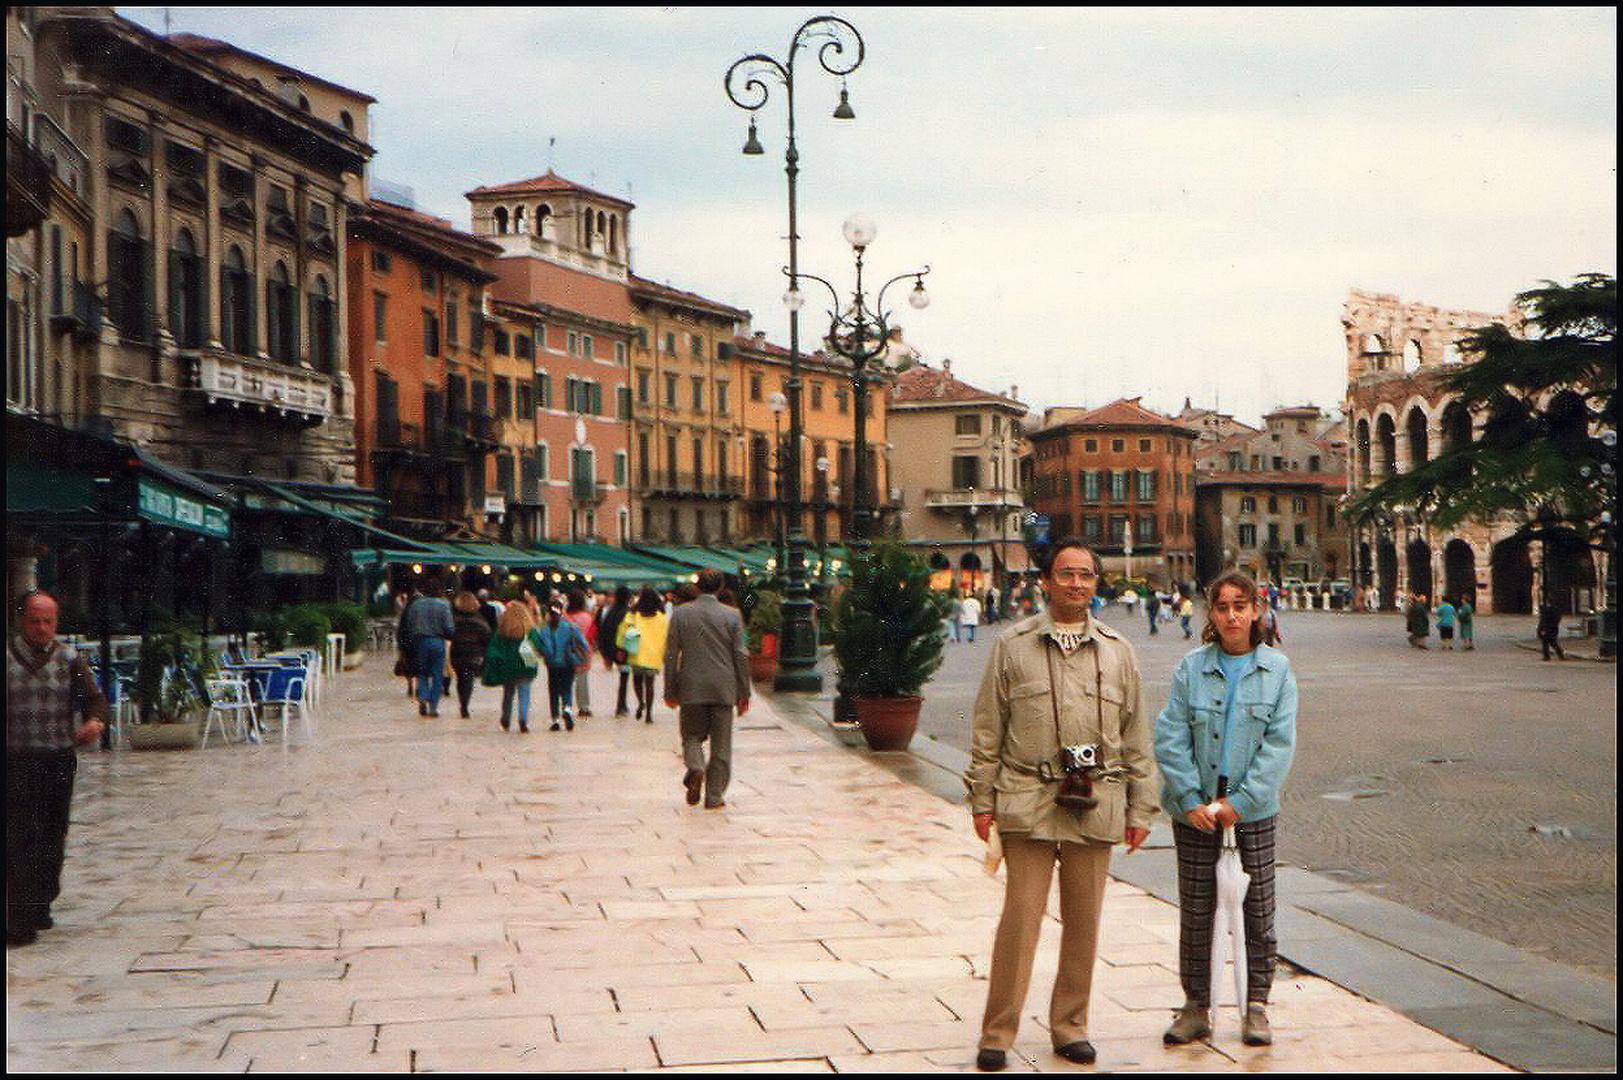 VERONA - A.D. 1987